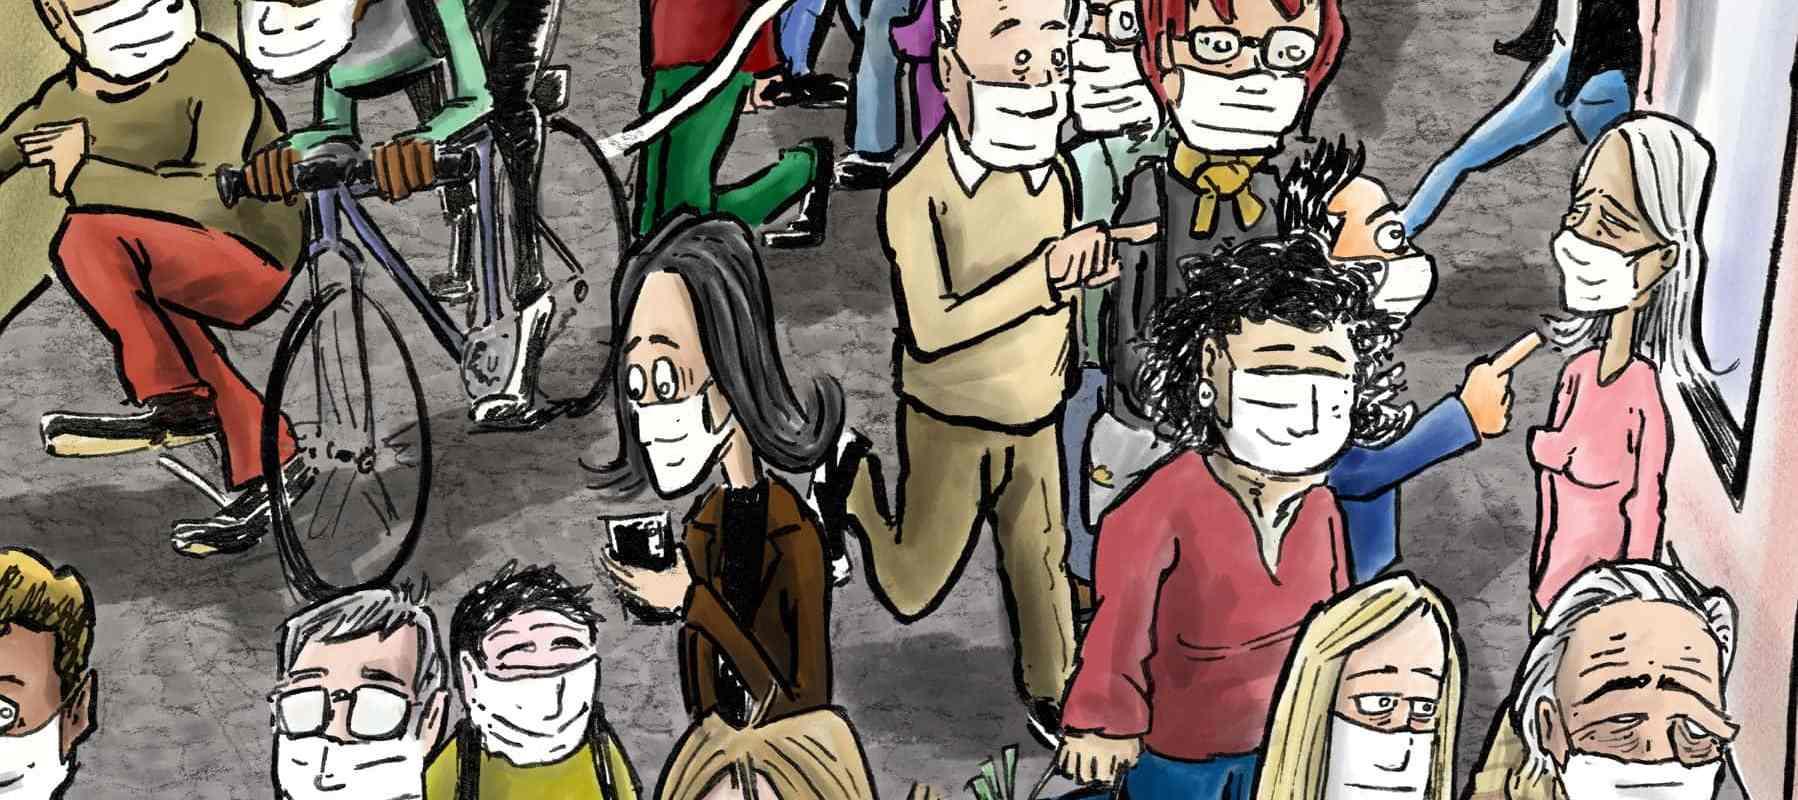 Masque obligatoire : question de liberté